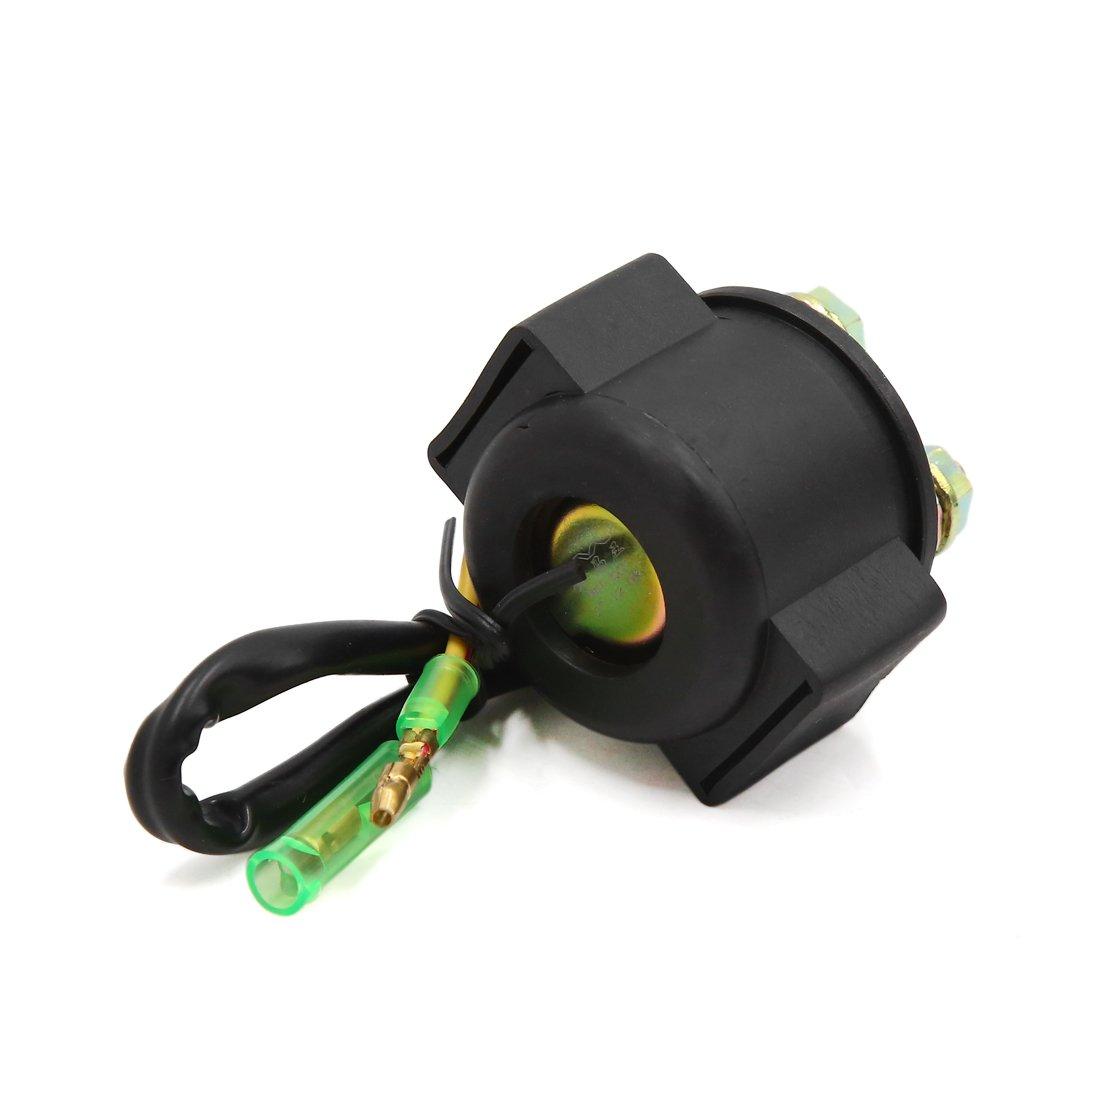 Rel/é solenoide de arranque para motocicleta 12 V, 2 cables, para Honda CG125 Sourcingmap